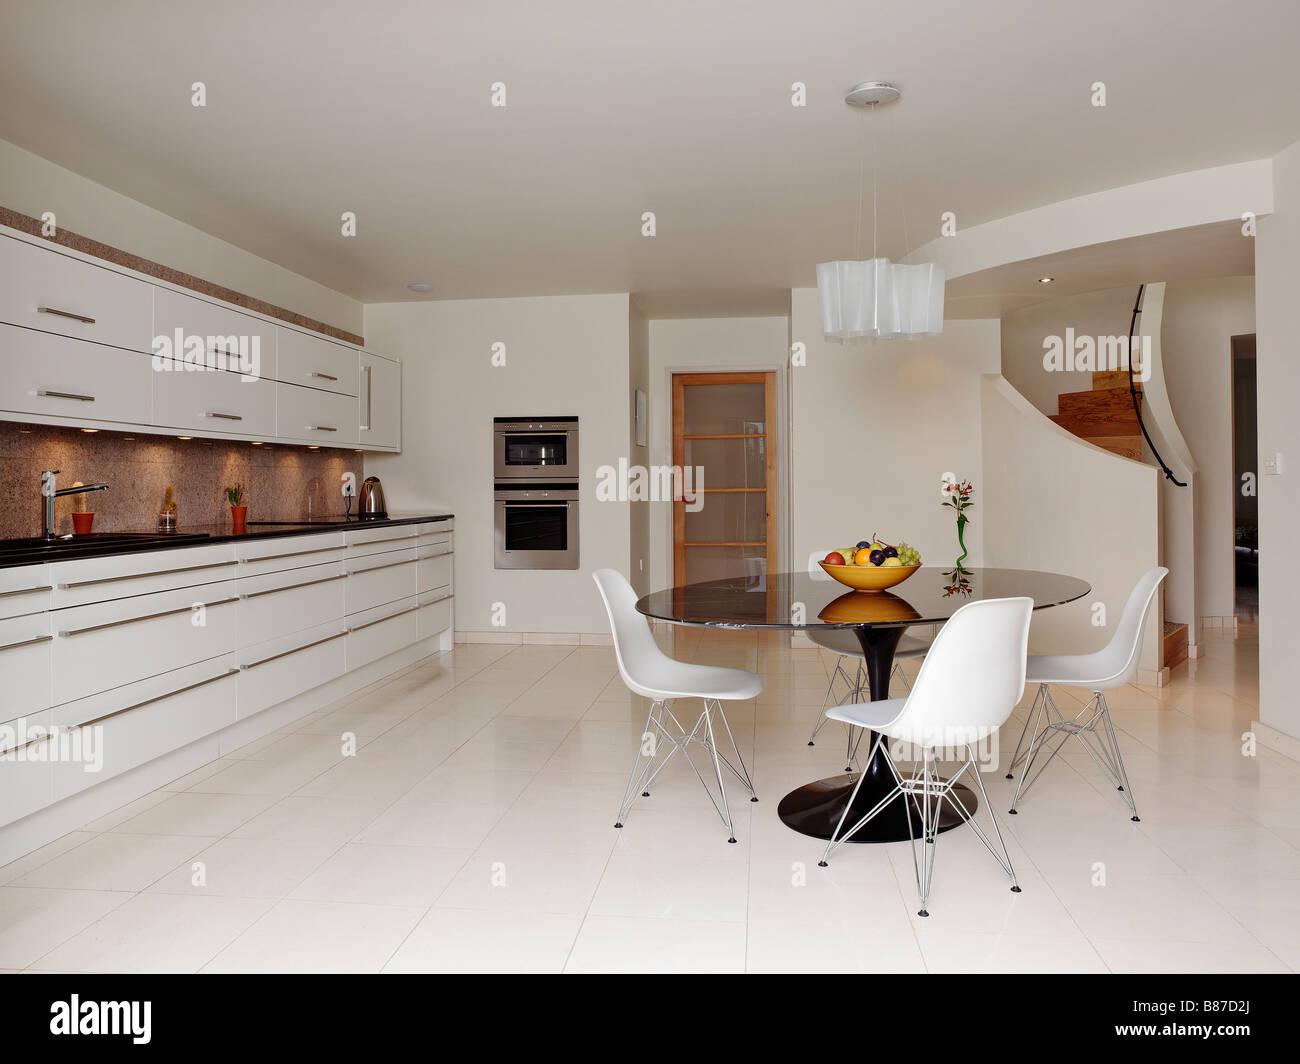 Bianco contemporanea cucina con tavolo rotondo e cesto di frutta ed ...